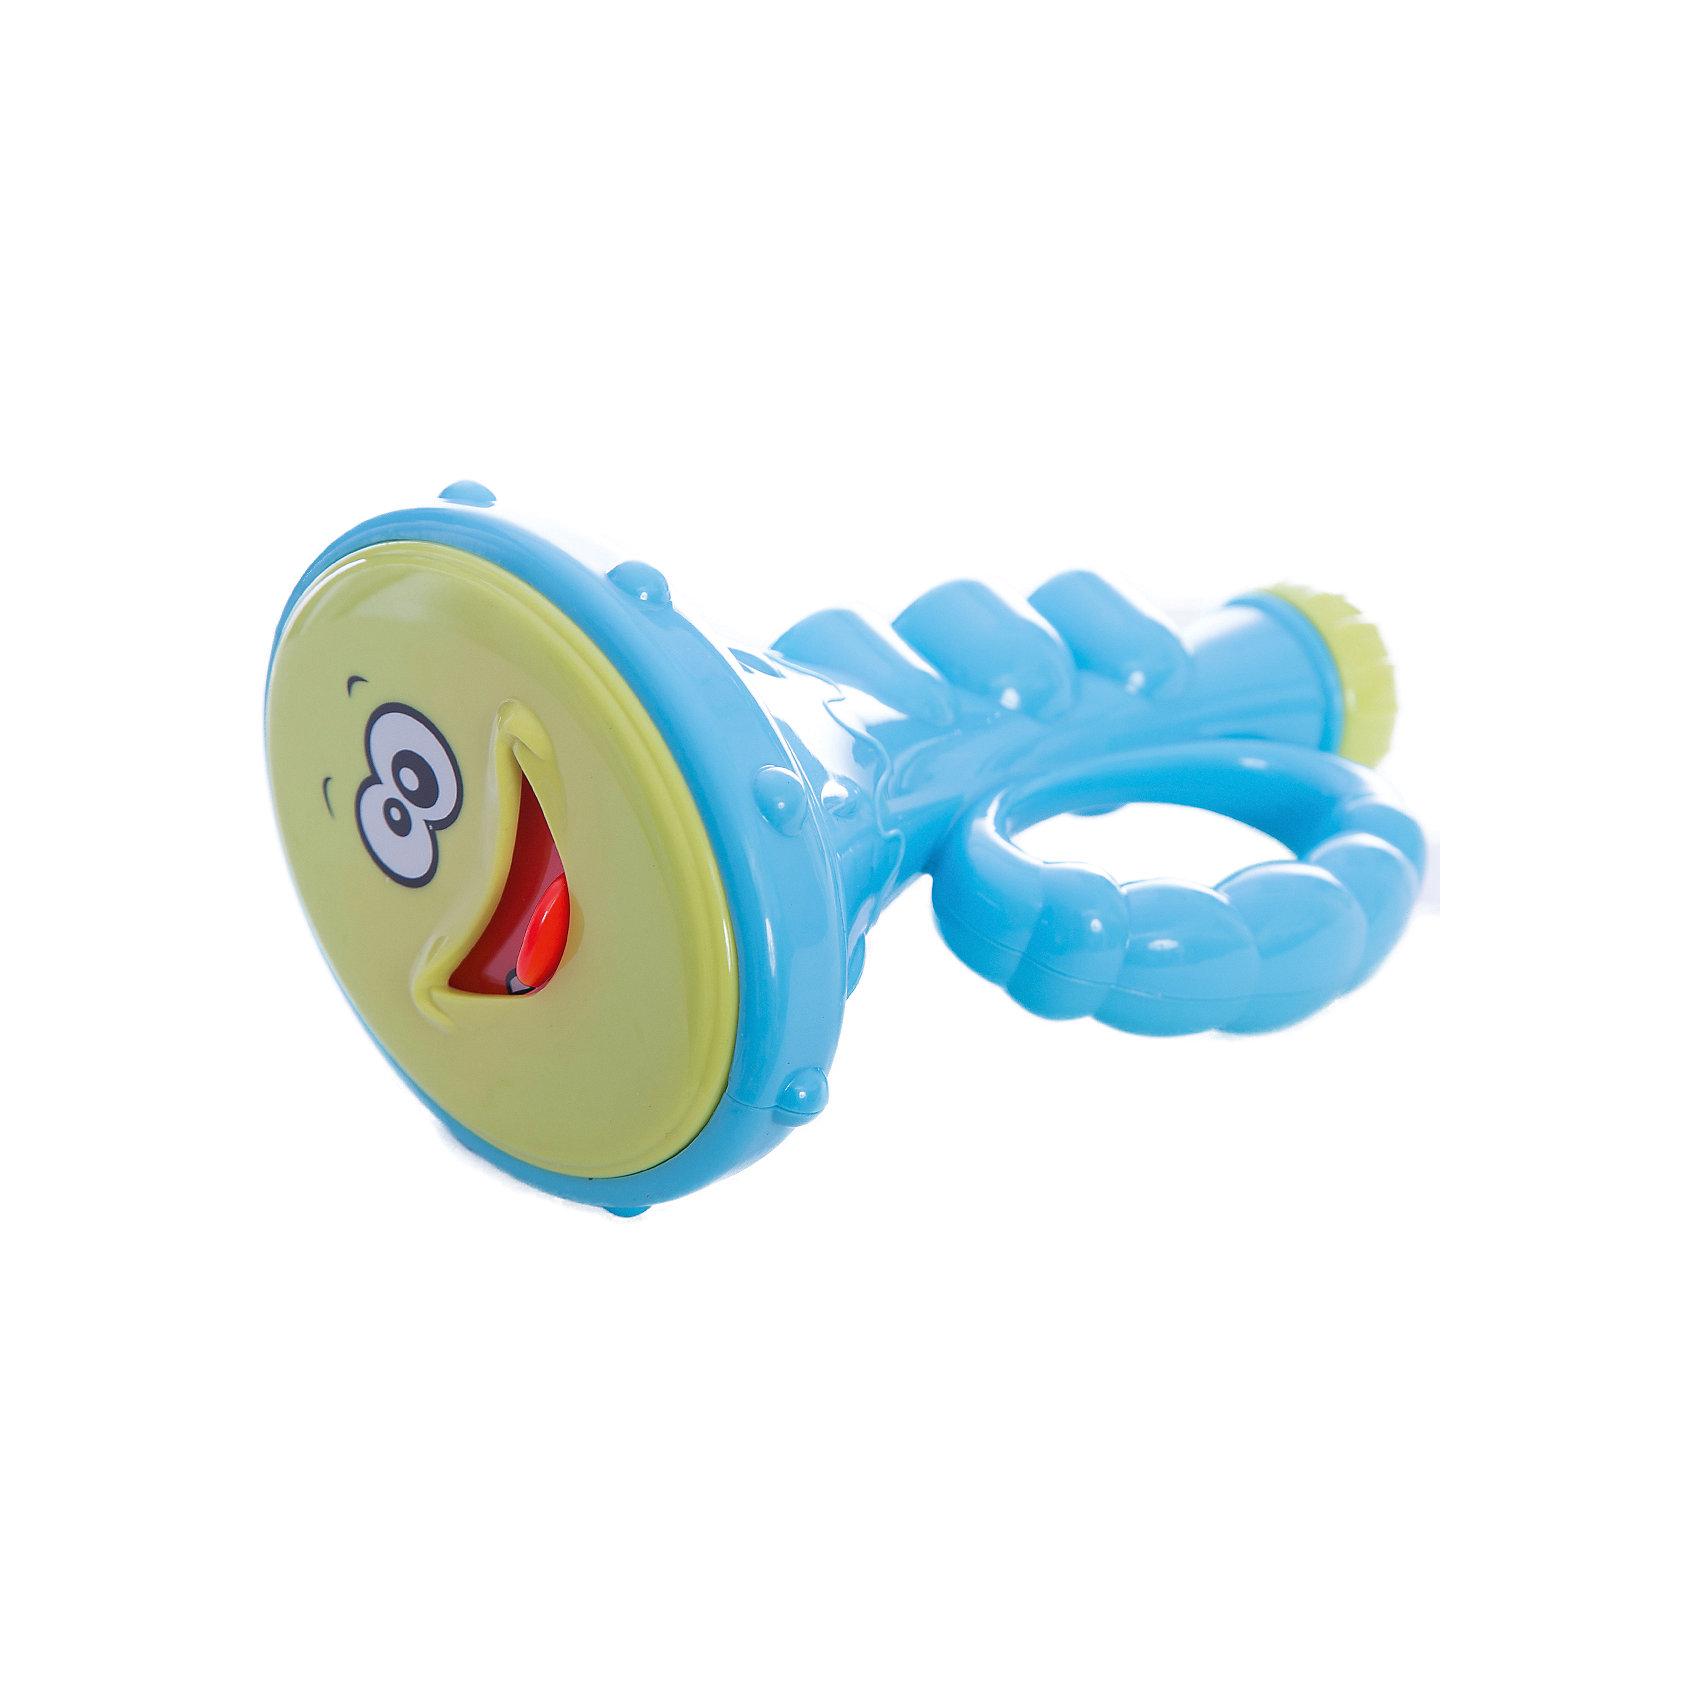 Электронная дудочка, со светом, Поющий оркестр, 1toyРазвивающие игрушки<br>Электронная дудочка из серии Поющий оркестр - забавная игрушка, которая позволит ребенку не только создавать музыку самому, но и прослушивать чудесные мелодии, нажимая на язычок дудочки. Игрушка с удобной ручкой и веселыми кнопками, которые светятся при нажатии. Игрушка развивает мелкую моторику, чувство ритма и мелодии. С этой дудочкой ребенок откроет для себя прекрасный мир музыки!<br><br>Дополнительная информация:<br>Батарейки: AAA / LR0.3 1.5V - 2 штуки( в комплект не входят)<br>Размер: 16,5х9,5х25,5 см<br>Вес: 296 грамм<br>Электронную дудочку можно купить в нашем интернет-магазине.<br><br>Ширина мм: 255<br>Глубина мм: 95<br>Высота мм: 165<br>Вес г: 296<br>Возраст от месяцев: 12<br>Возраст до месяцев: 60<br>Пол: Унисекс<br>Возраст: Детский<br>SKU: 4953668